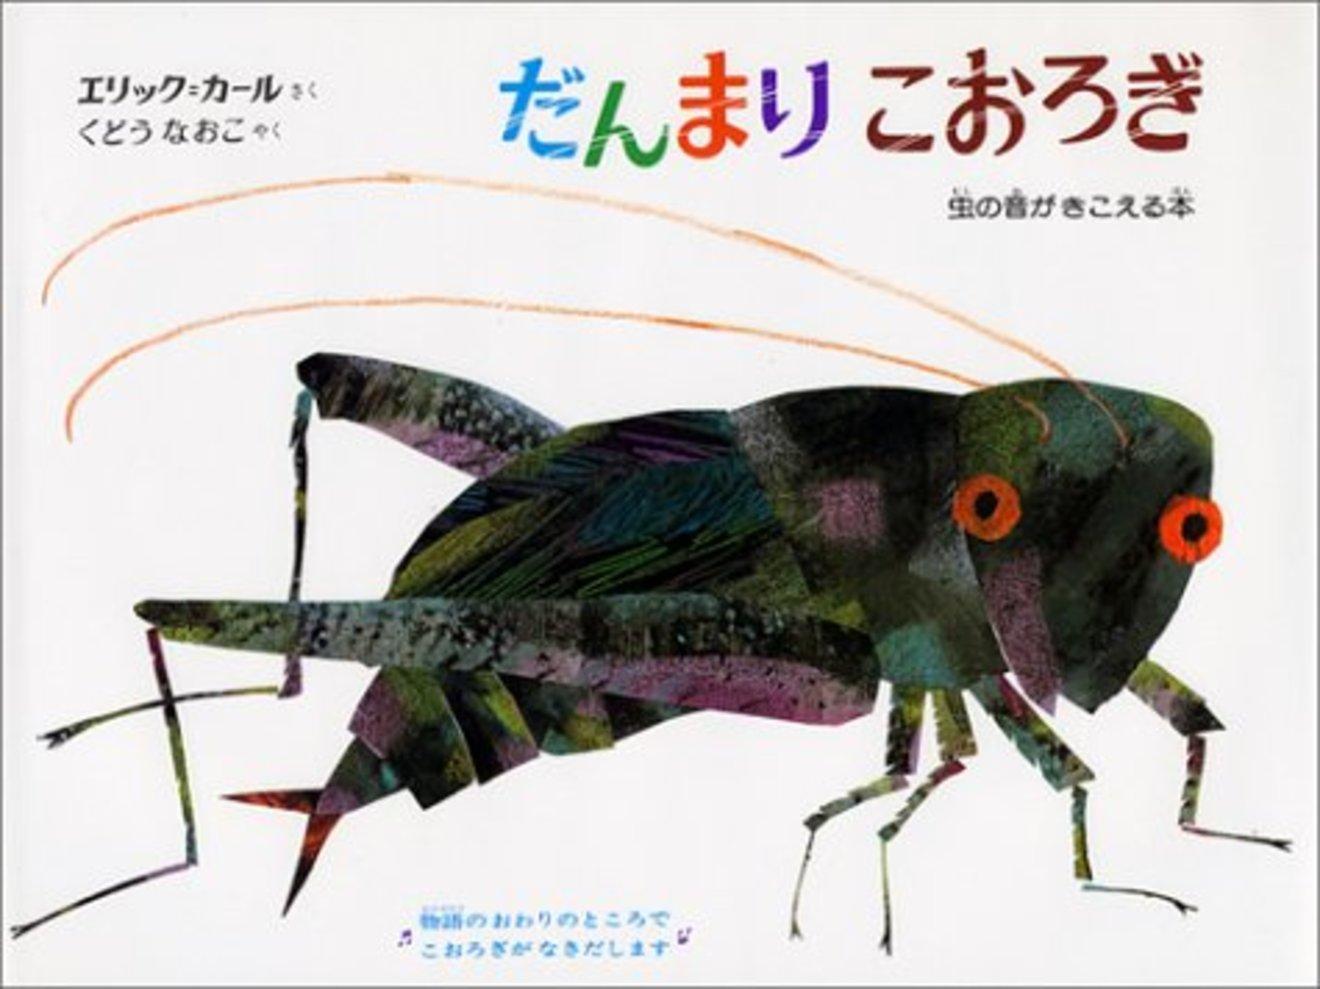 5分でわかるコオロギの生態!種類や飼育方法、鳴く時期などを解説!